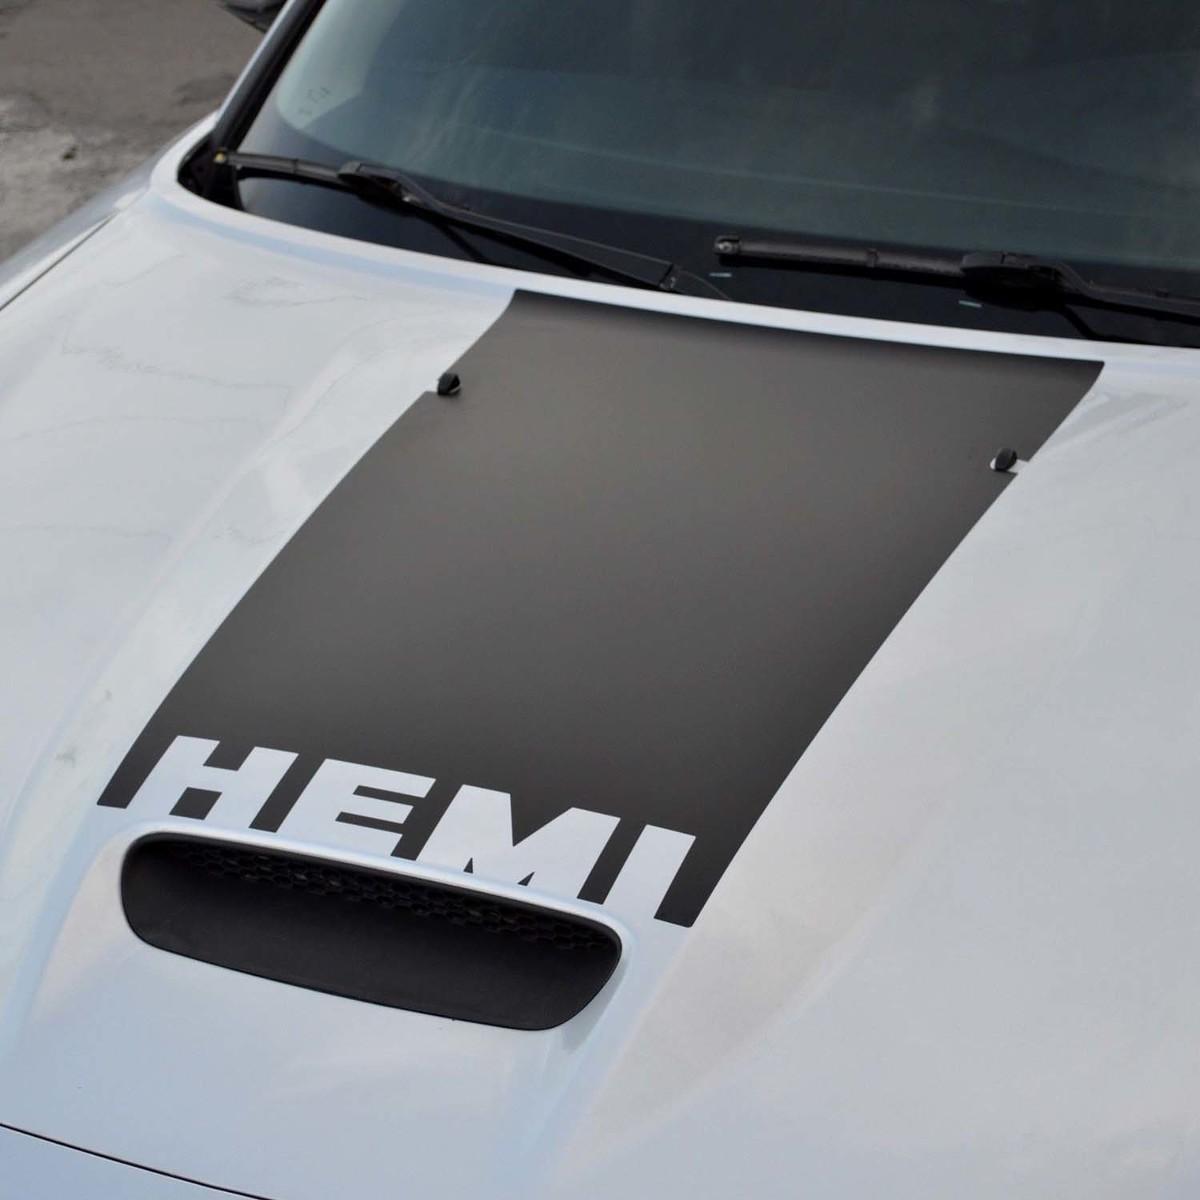 Dodge Charger HEMI Super Bee SRT8 Haubenschaufelverdunkelung vorgeschnitten 2006 - 2010